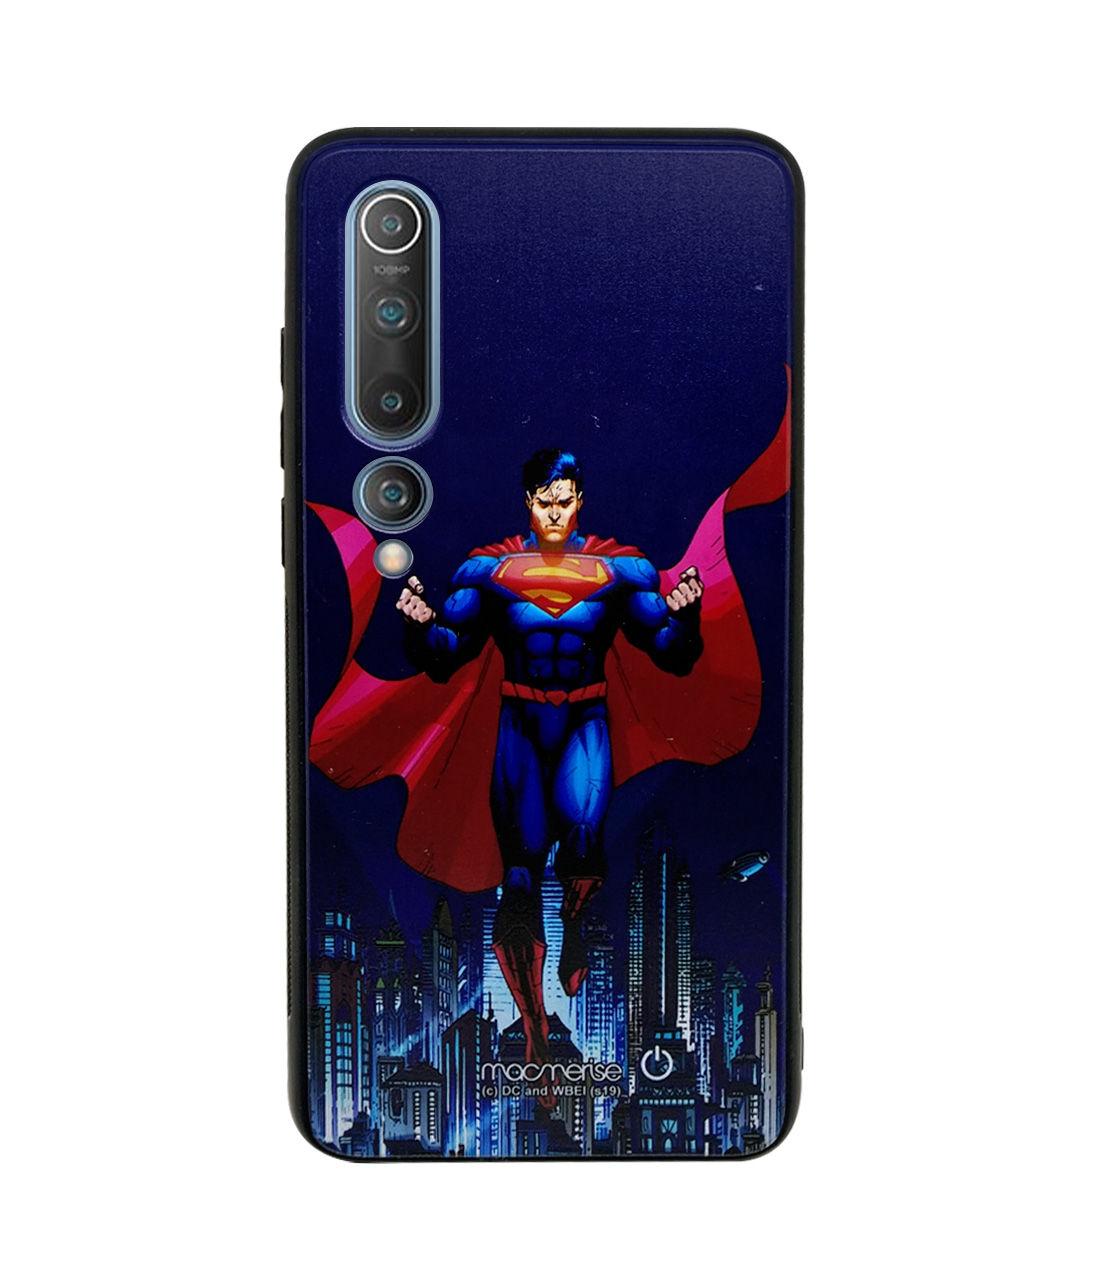 Metropolis Savior - Lumous LED Phone Case for Xiaomi Mi 10